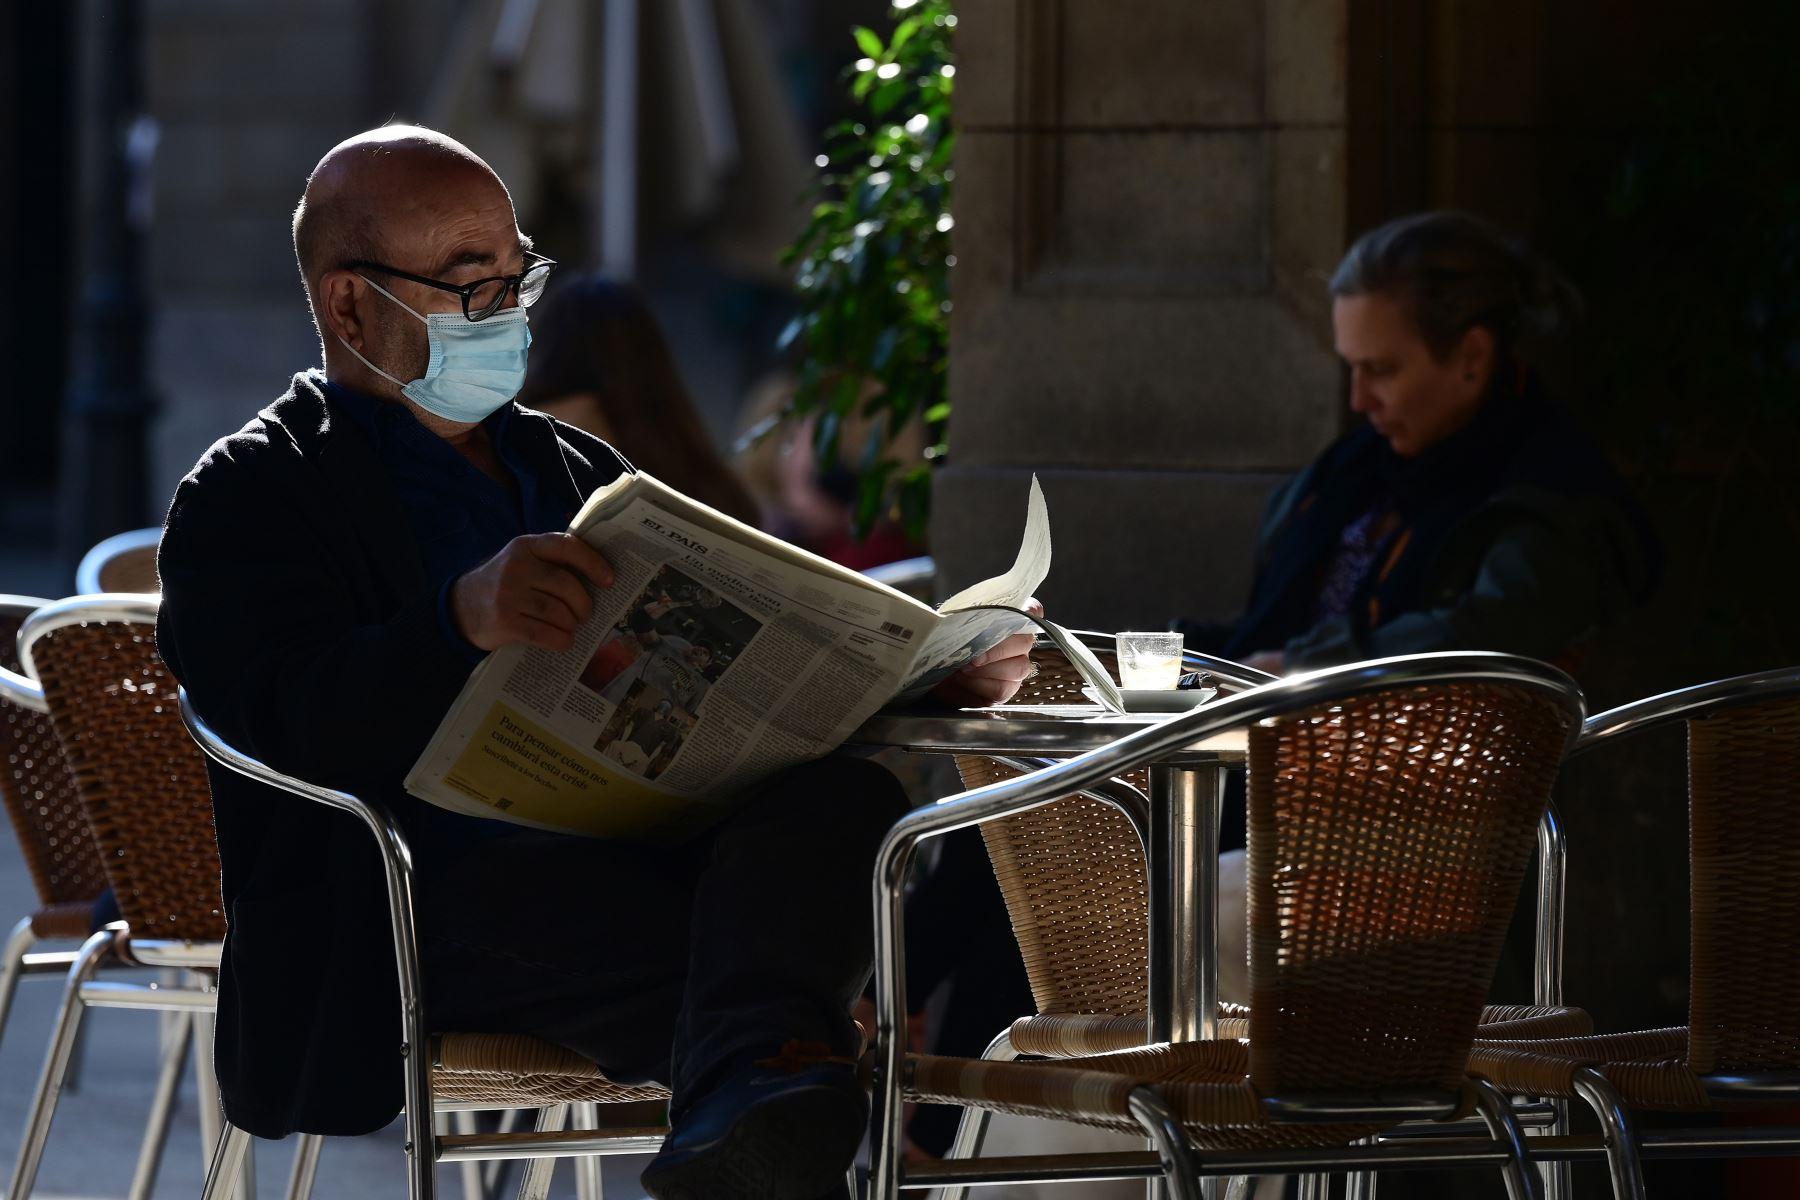 Un hombre lee un periódico en un restaurante de Barcelona mientras se permitía la reapertura de bares, restaurantes y cines en la región nororiental española de Cataluña. Foto: AFP